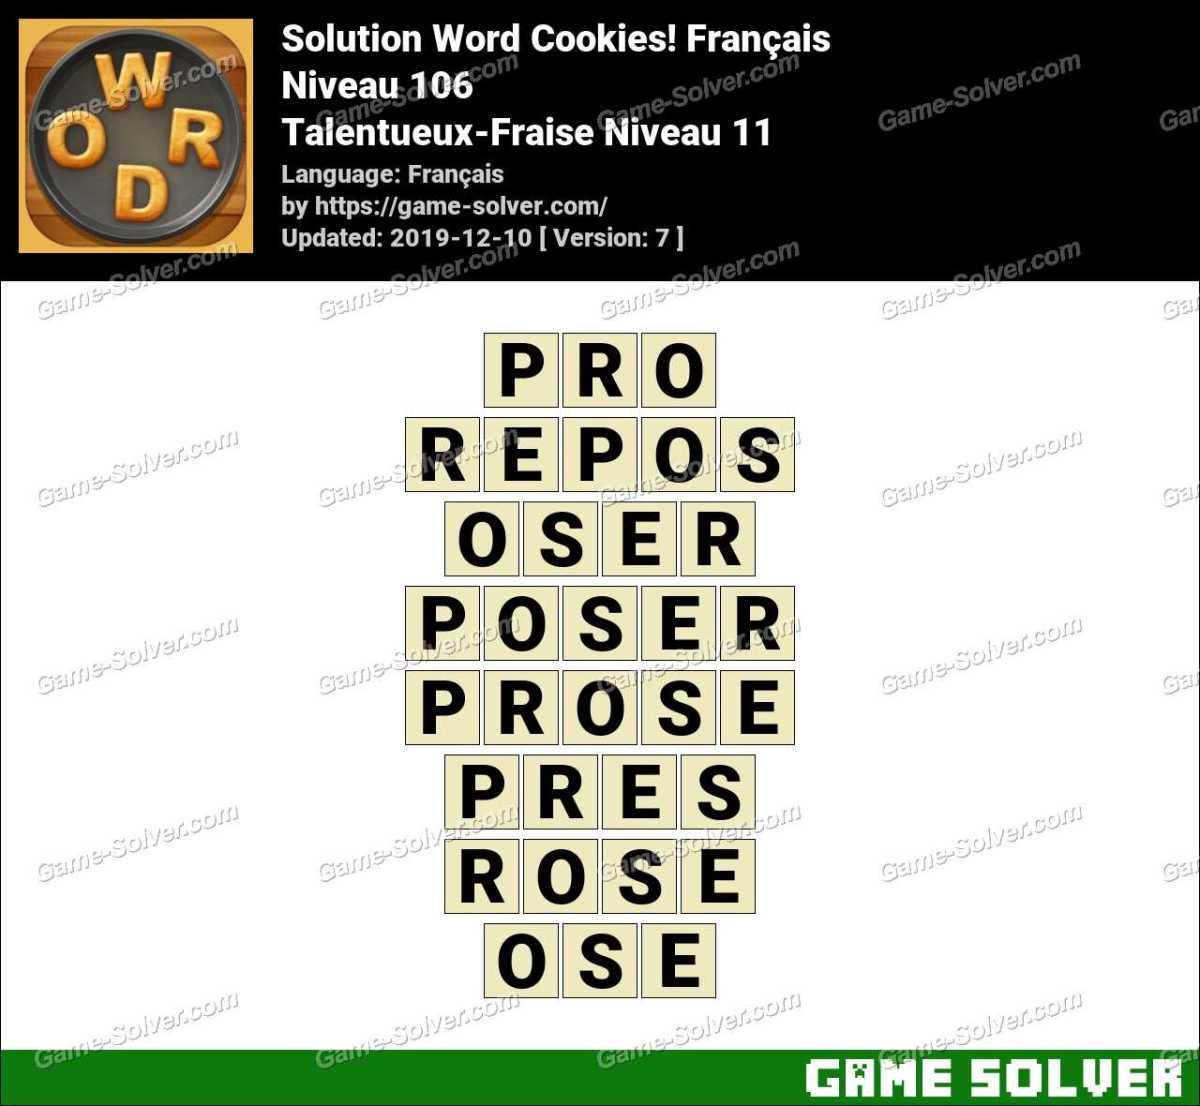 Solution Word Cookies Talentueux-Fraise Niveau 11